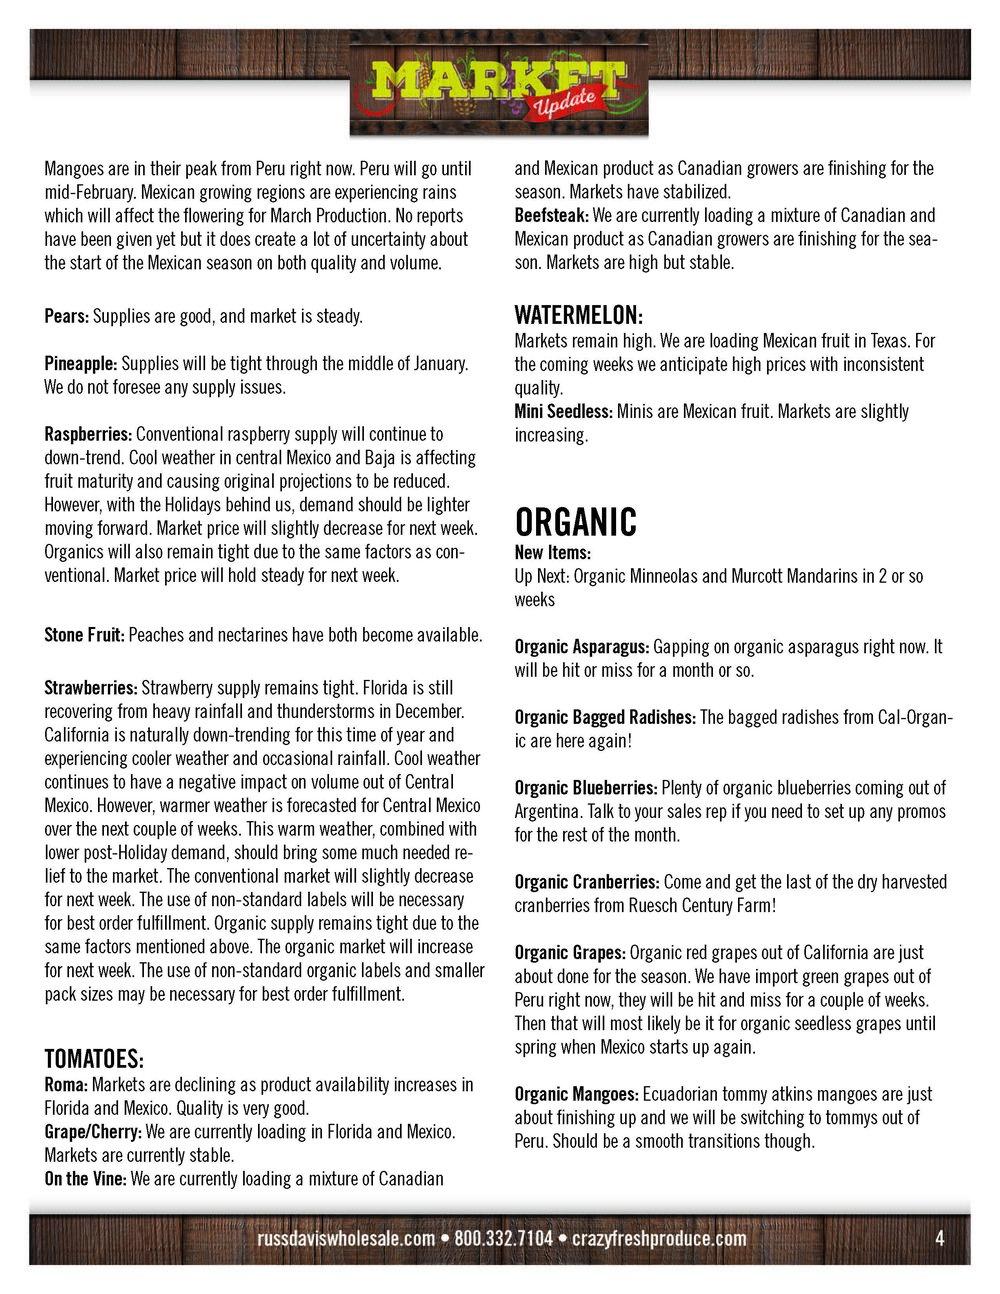 RDW_Market_Update_Jan2_19_Page_4.jpg